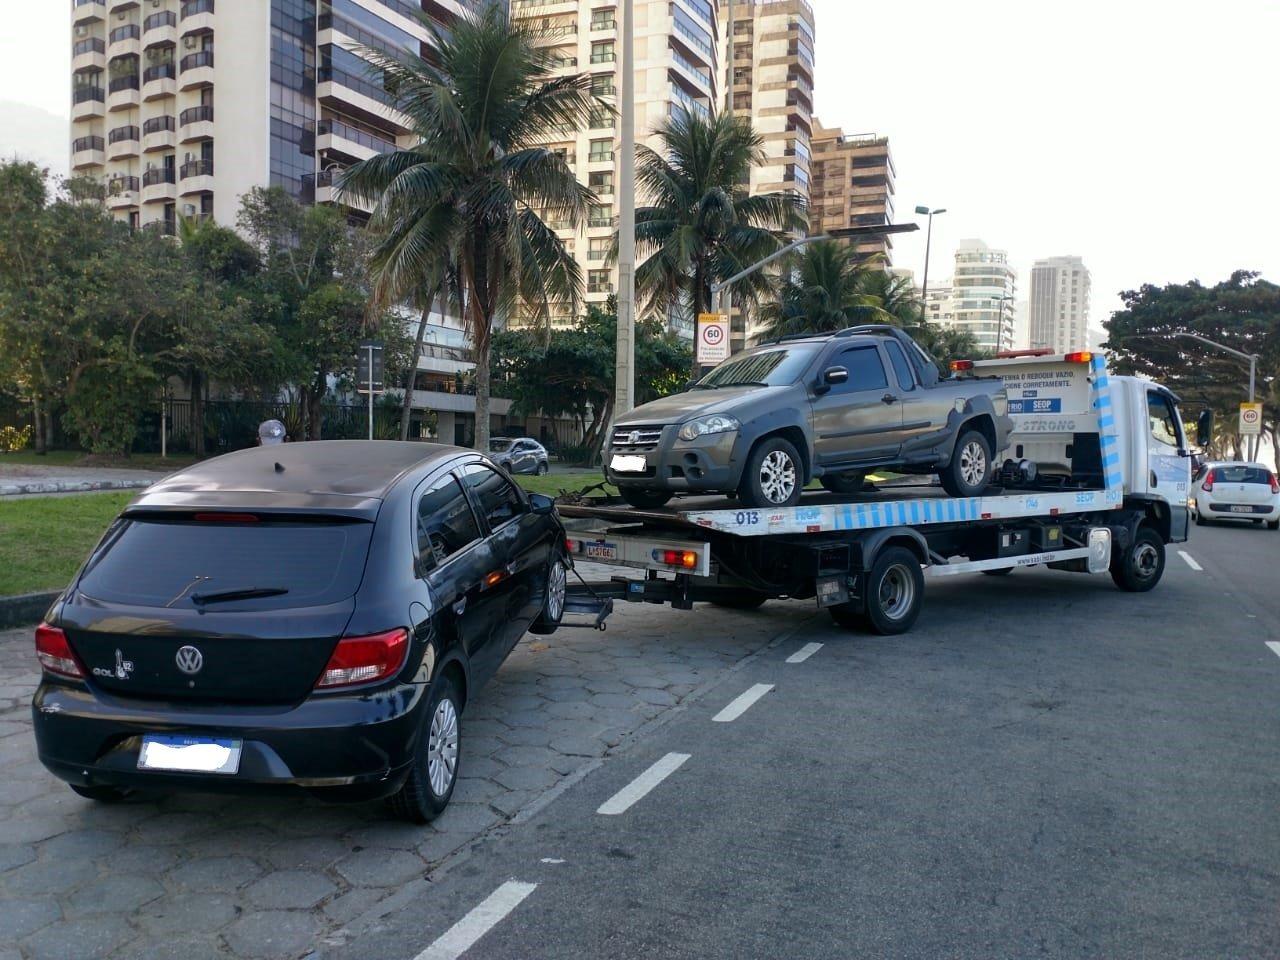 Prefeitura do Rio proíbe remoção de veículos sem talão de estacionamento